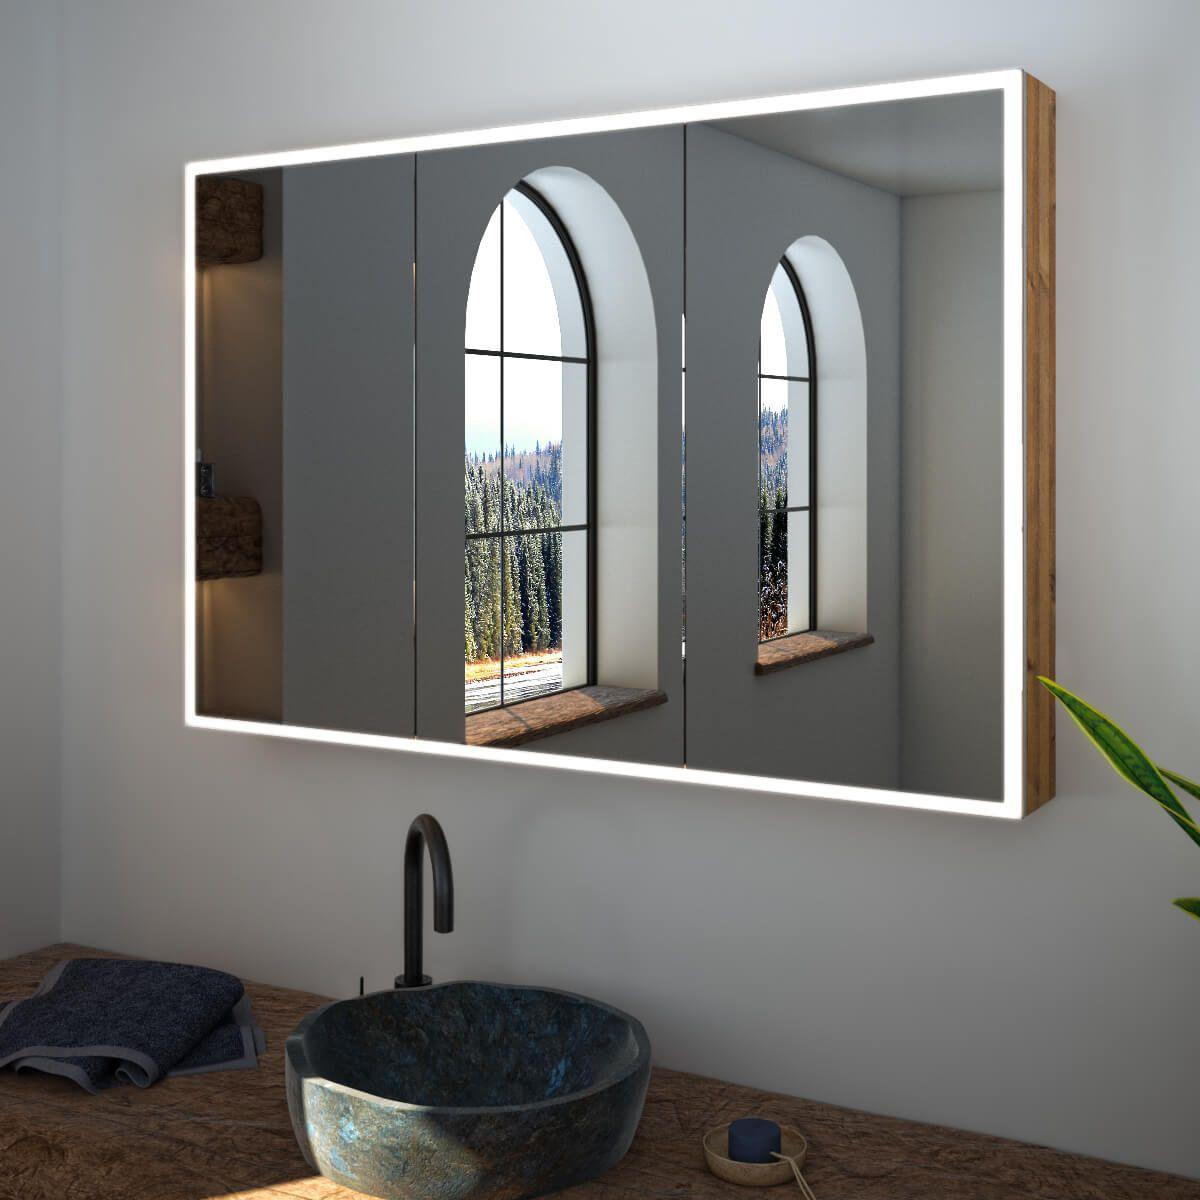 Spiegelschrank Nach Mass Mit Led Credo Spiegelschrank Spiegelschrank Beleuchtung Spiegelschrank Bad